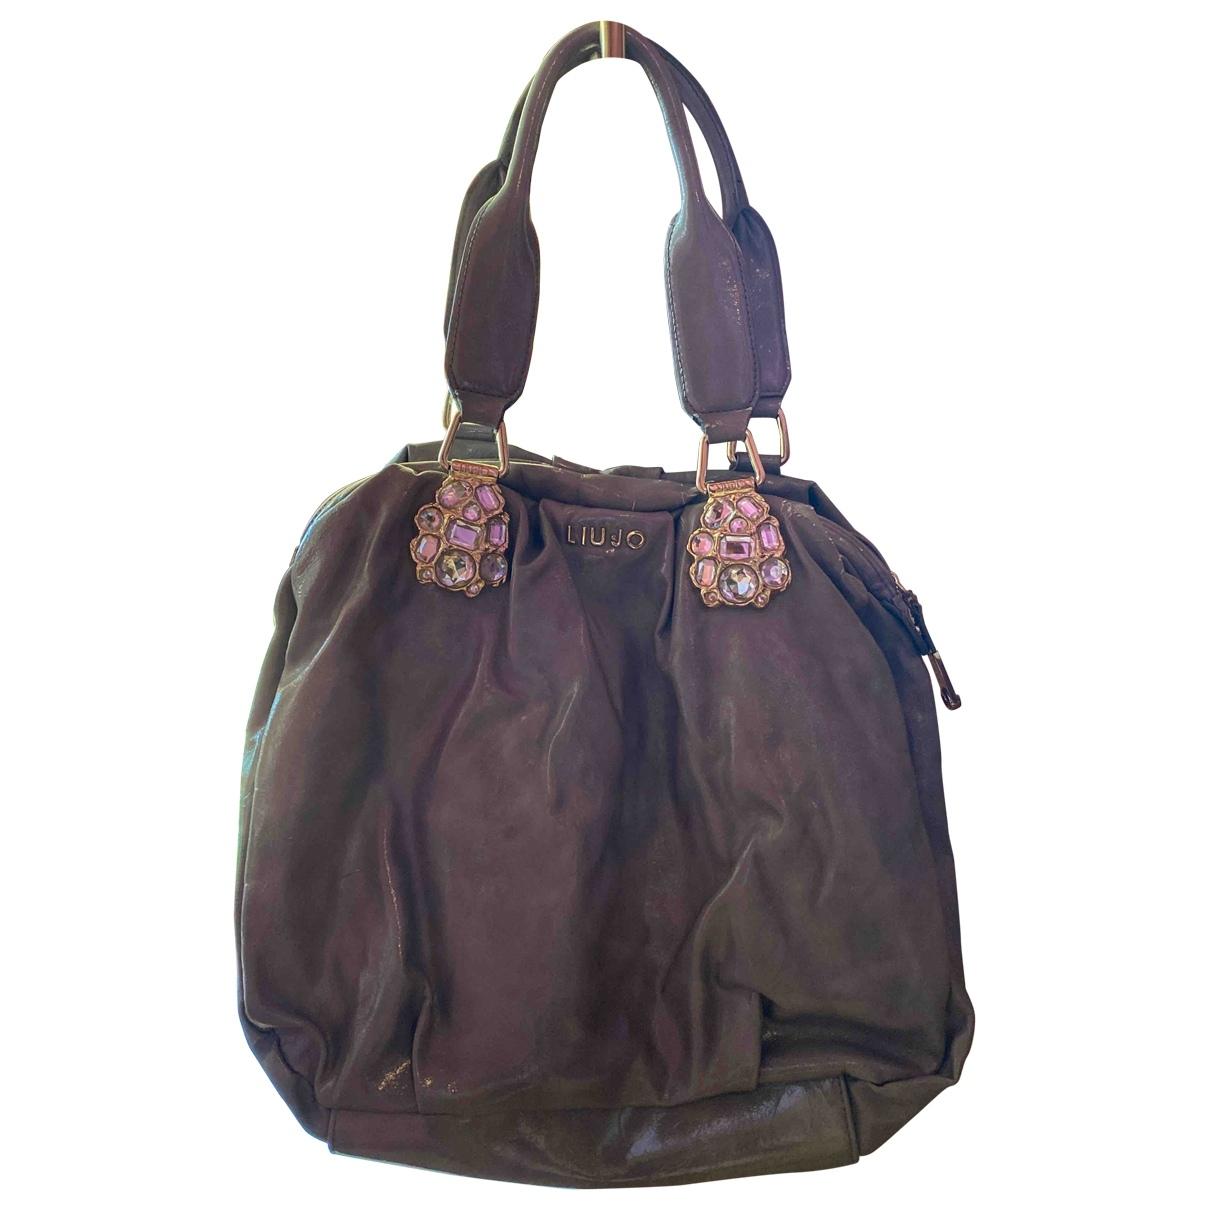 Liu.jo \N Grey Leather handbag for Women \N